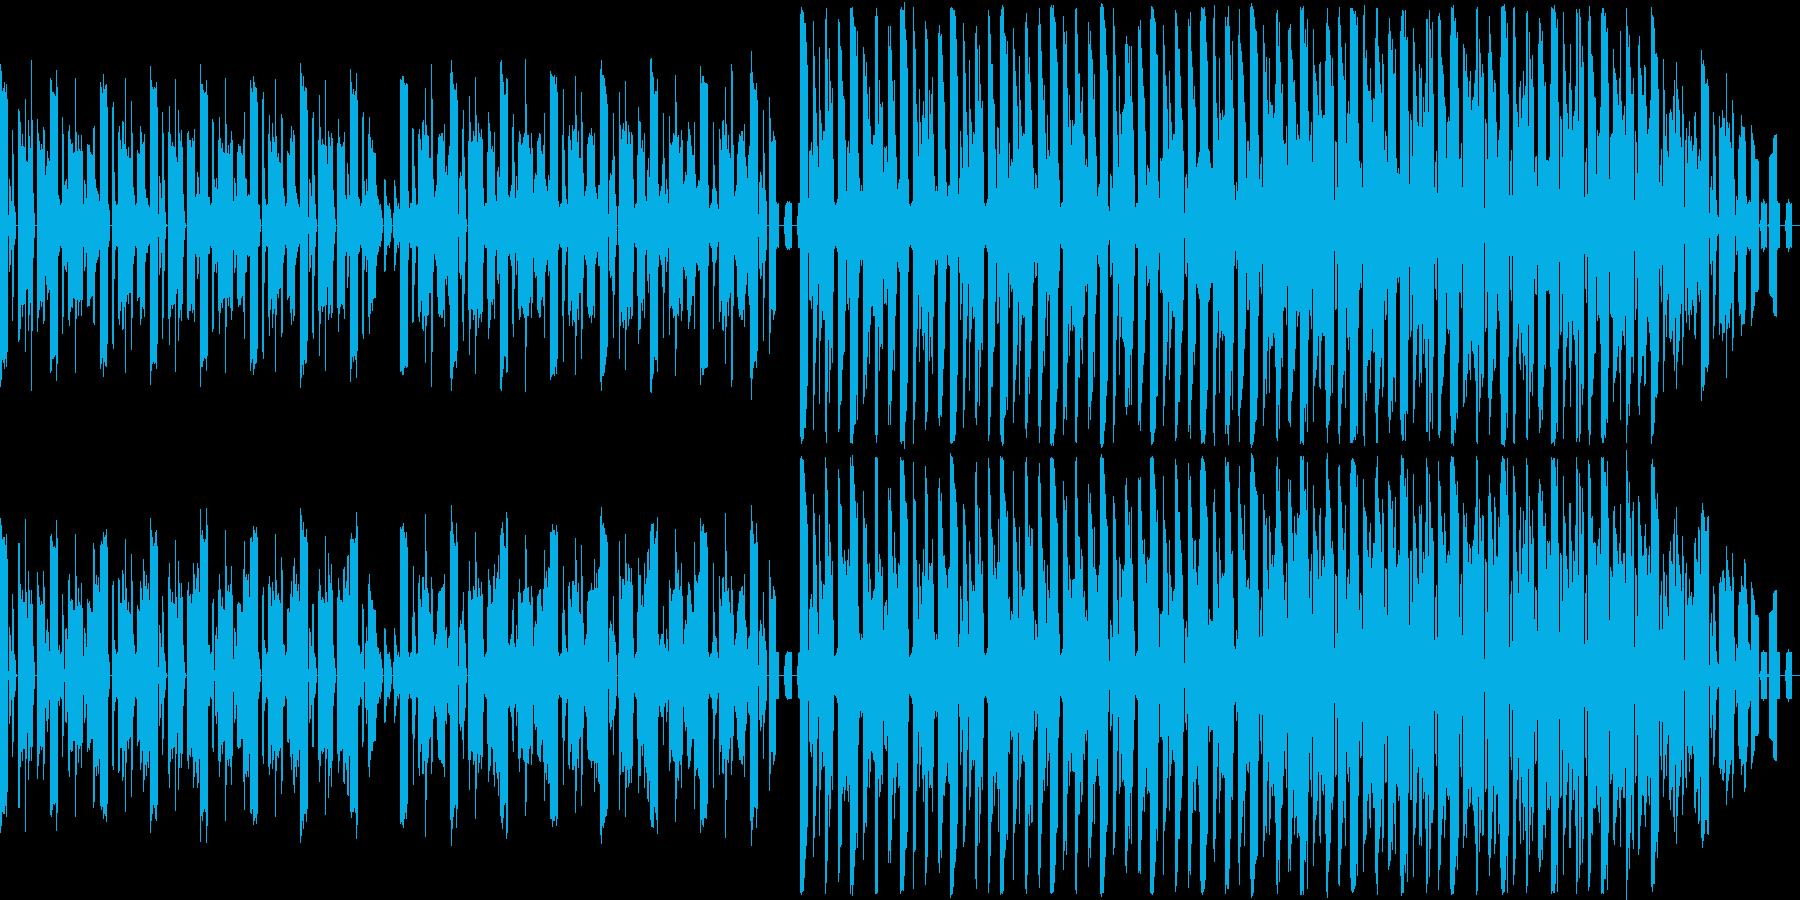 渦巻きにのまれたような感覚の楽曲の再生済みの波形